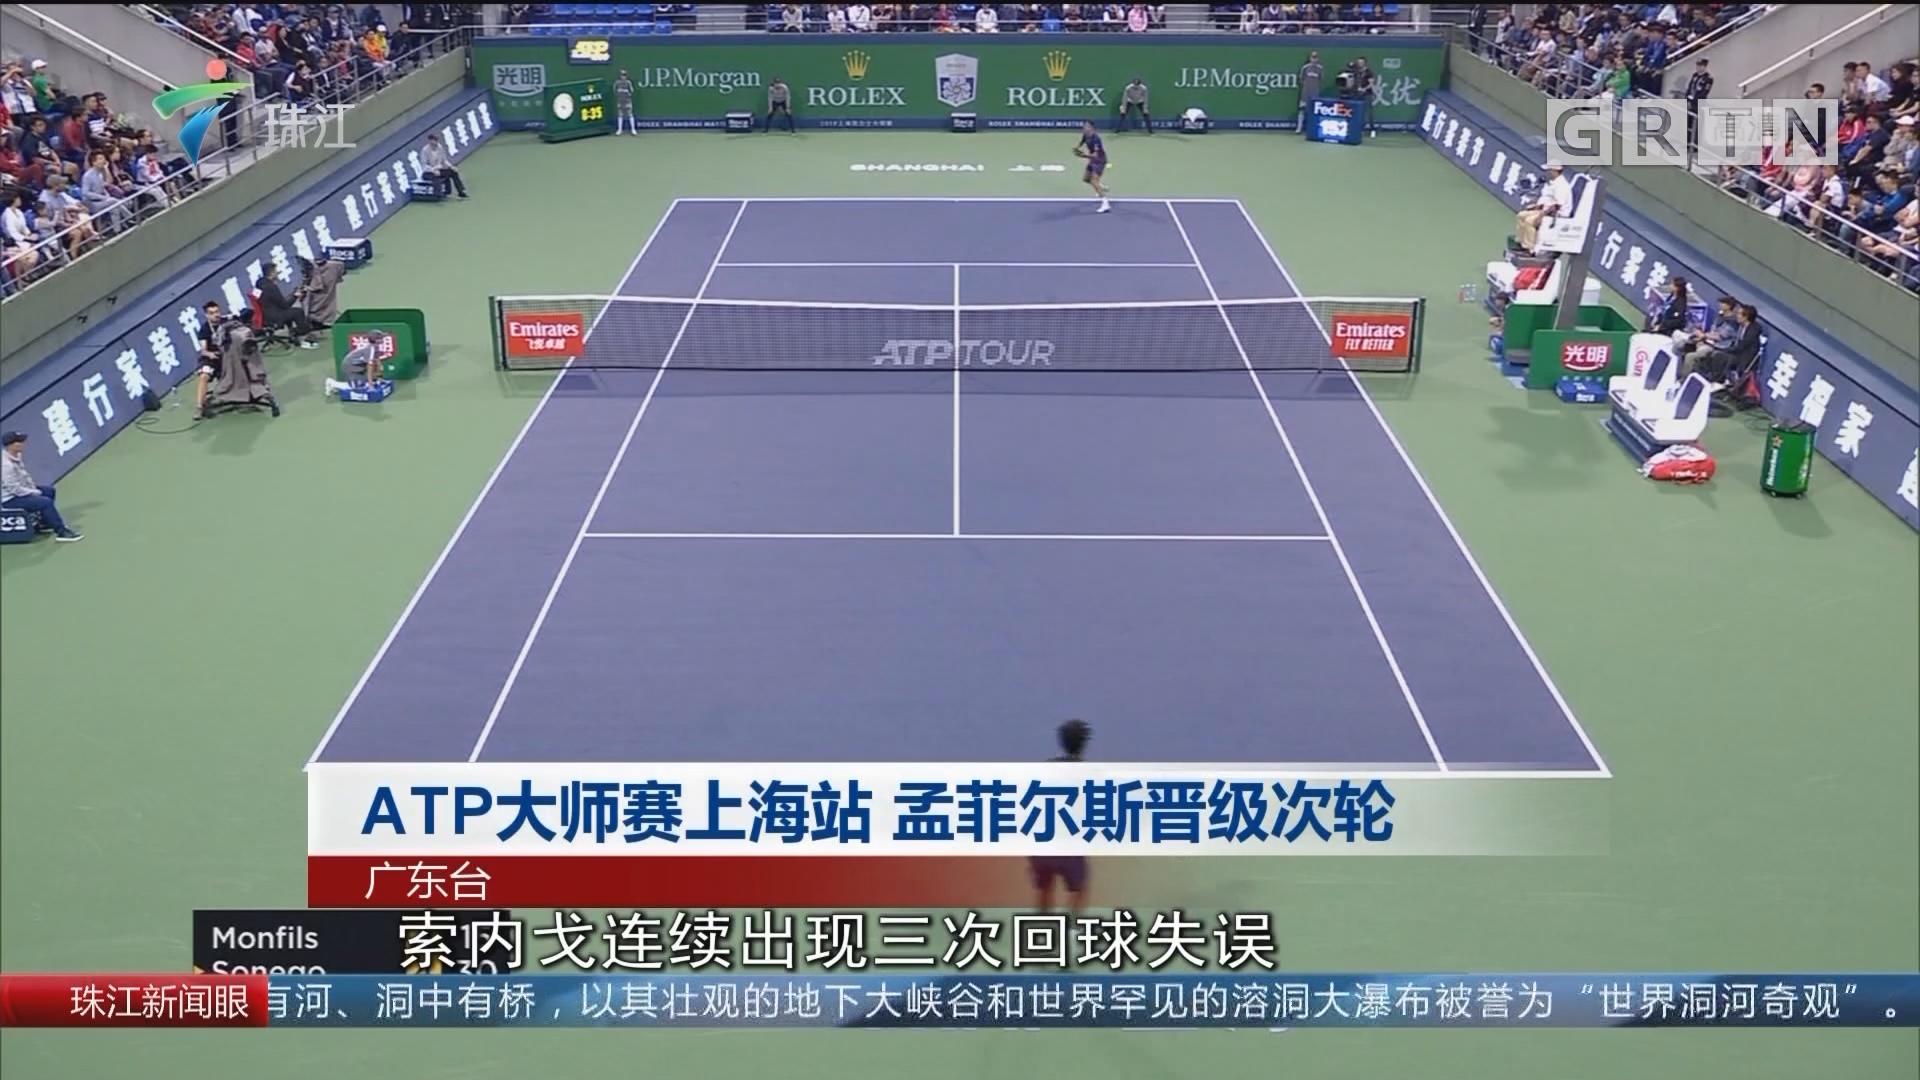 ATP大师赛上海站 孟菲尔斯晋级次轮